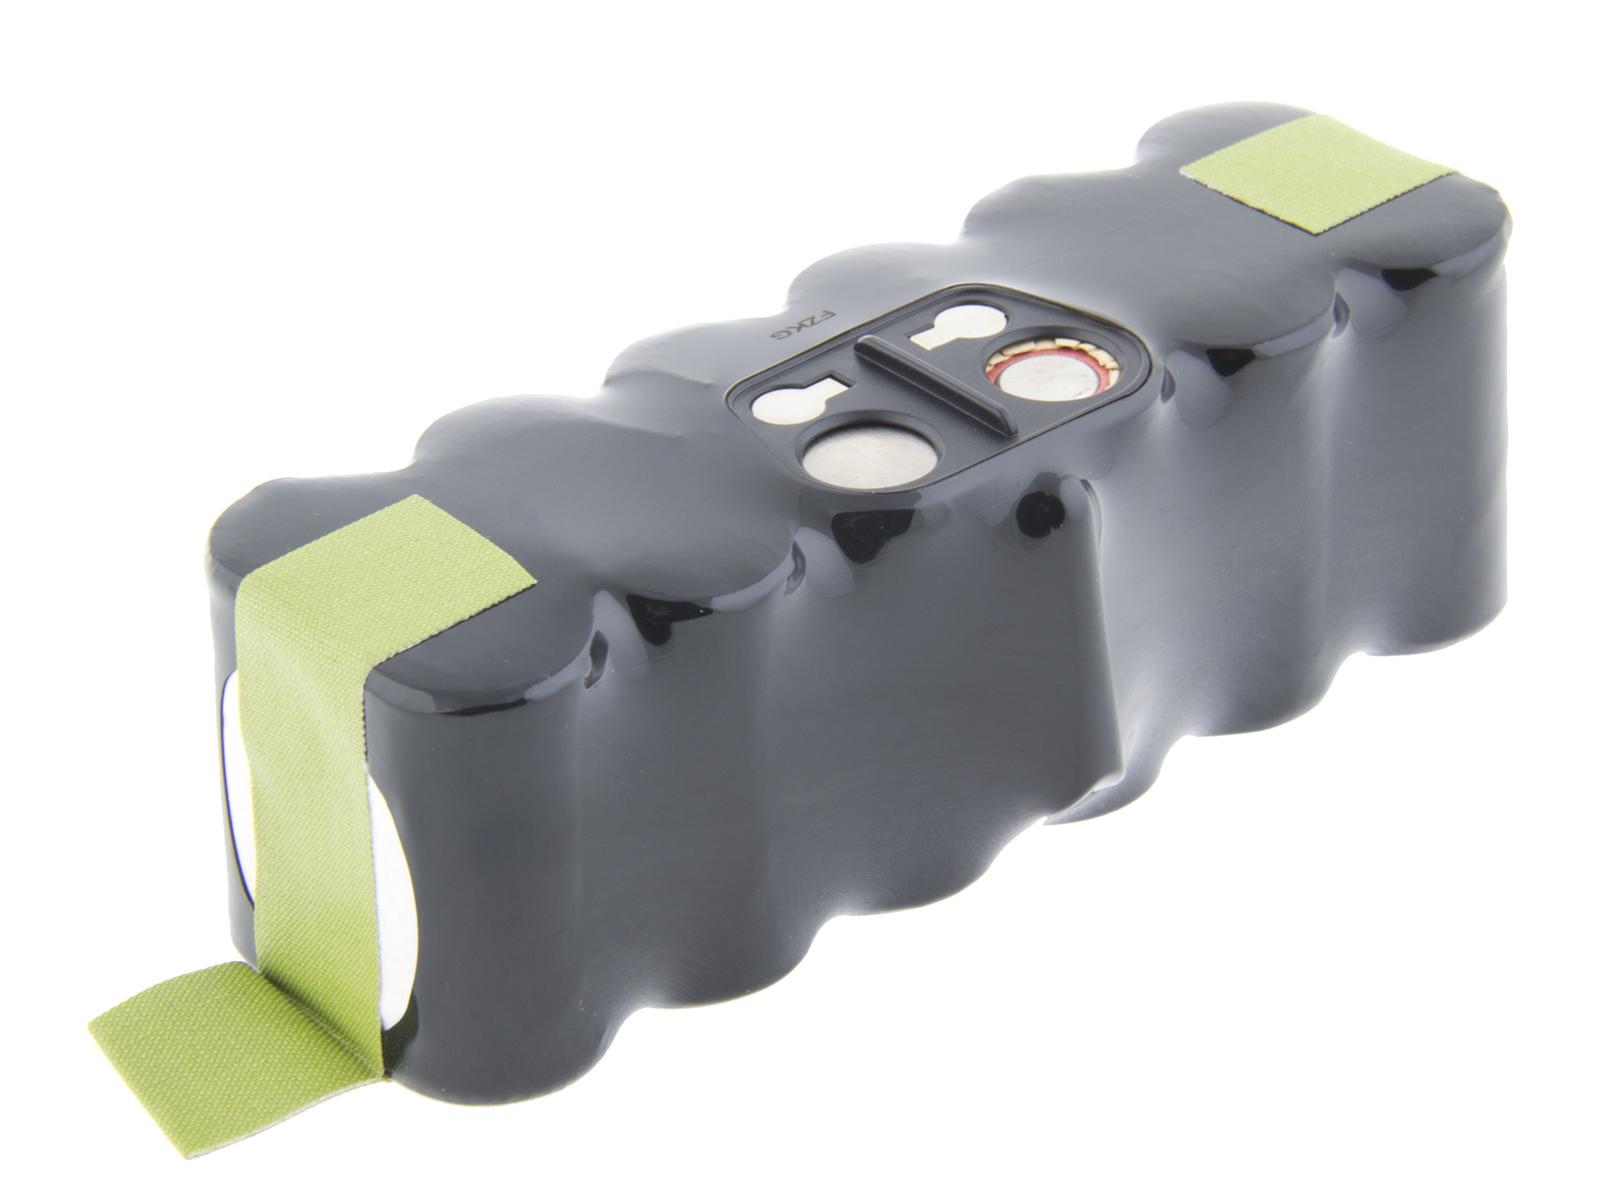 Baterie pro iRobot Roomba 505, 630, 700  Ni-MH 14,4V 3300mAh, kvalitní články